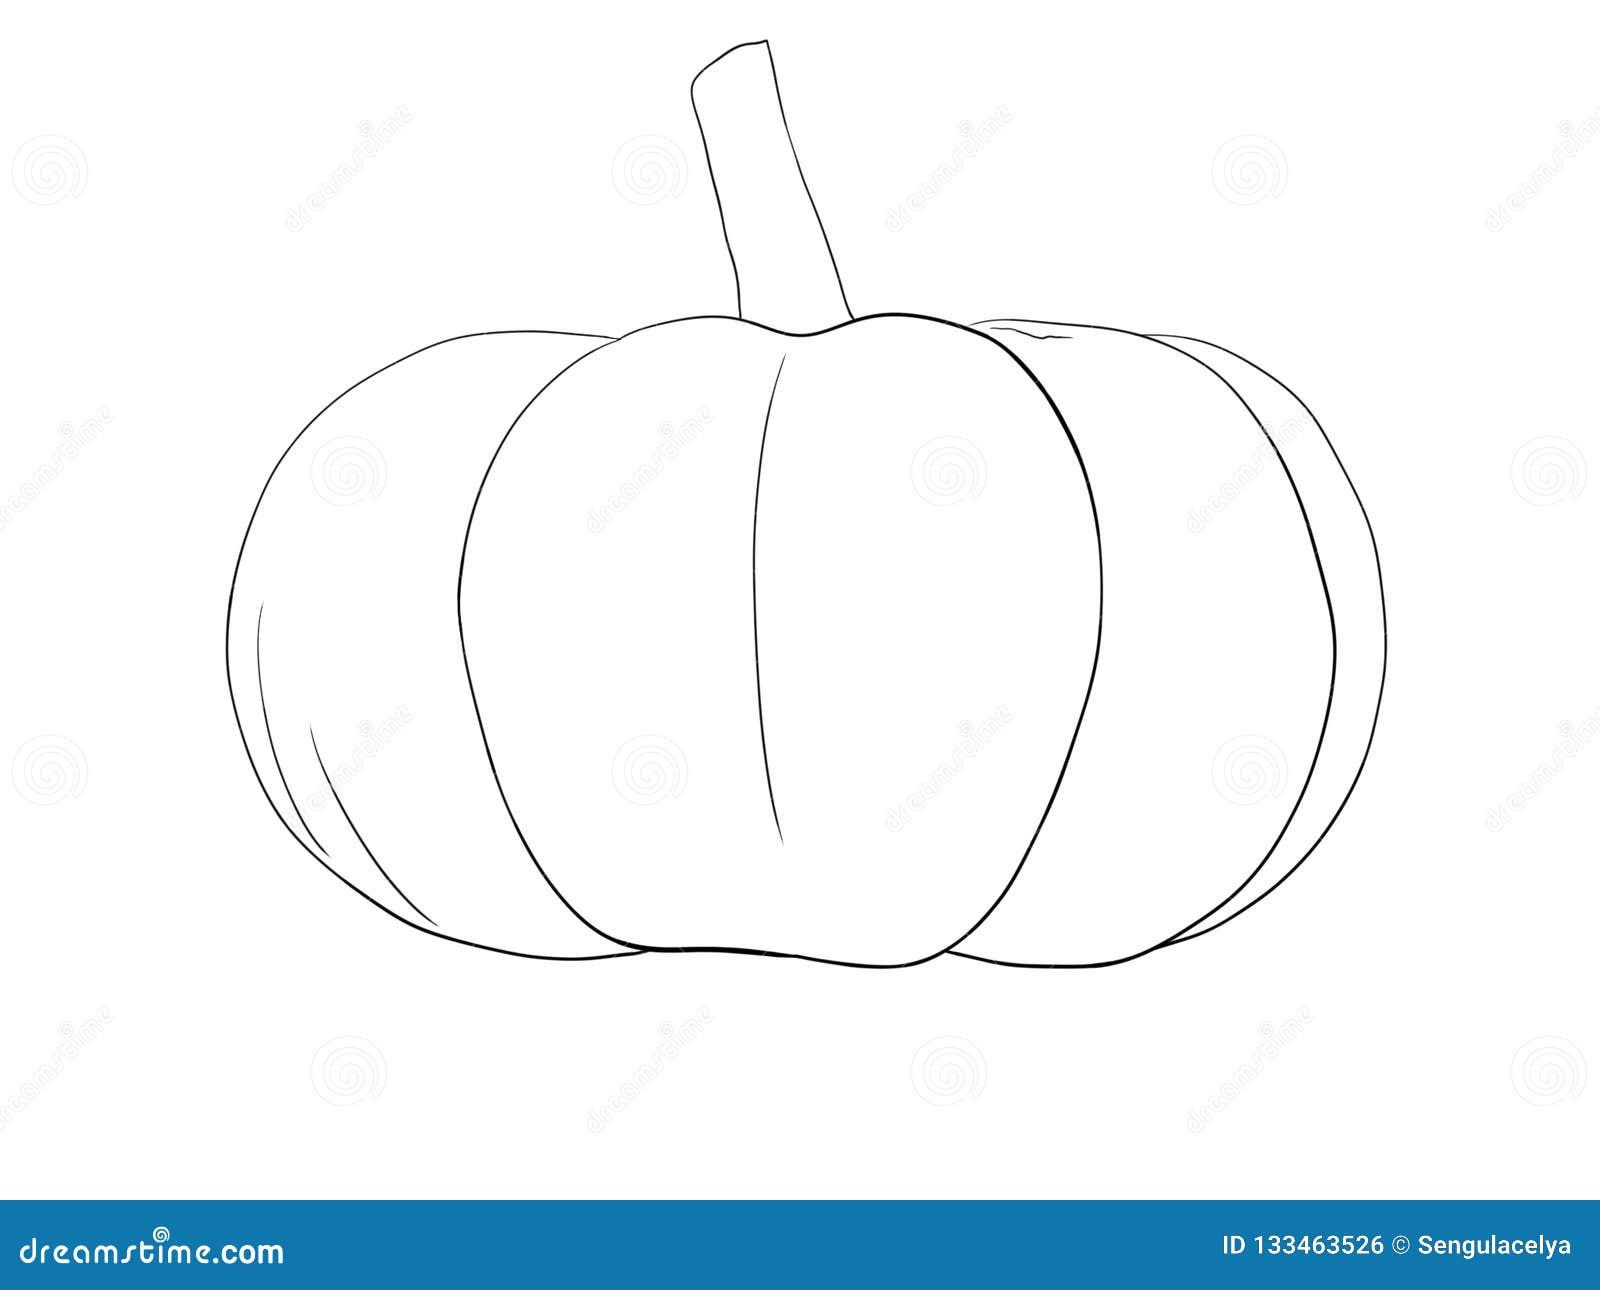 Pumpkin Illustration artvector